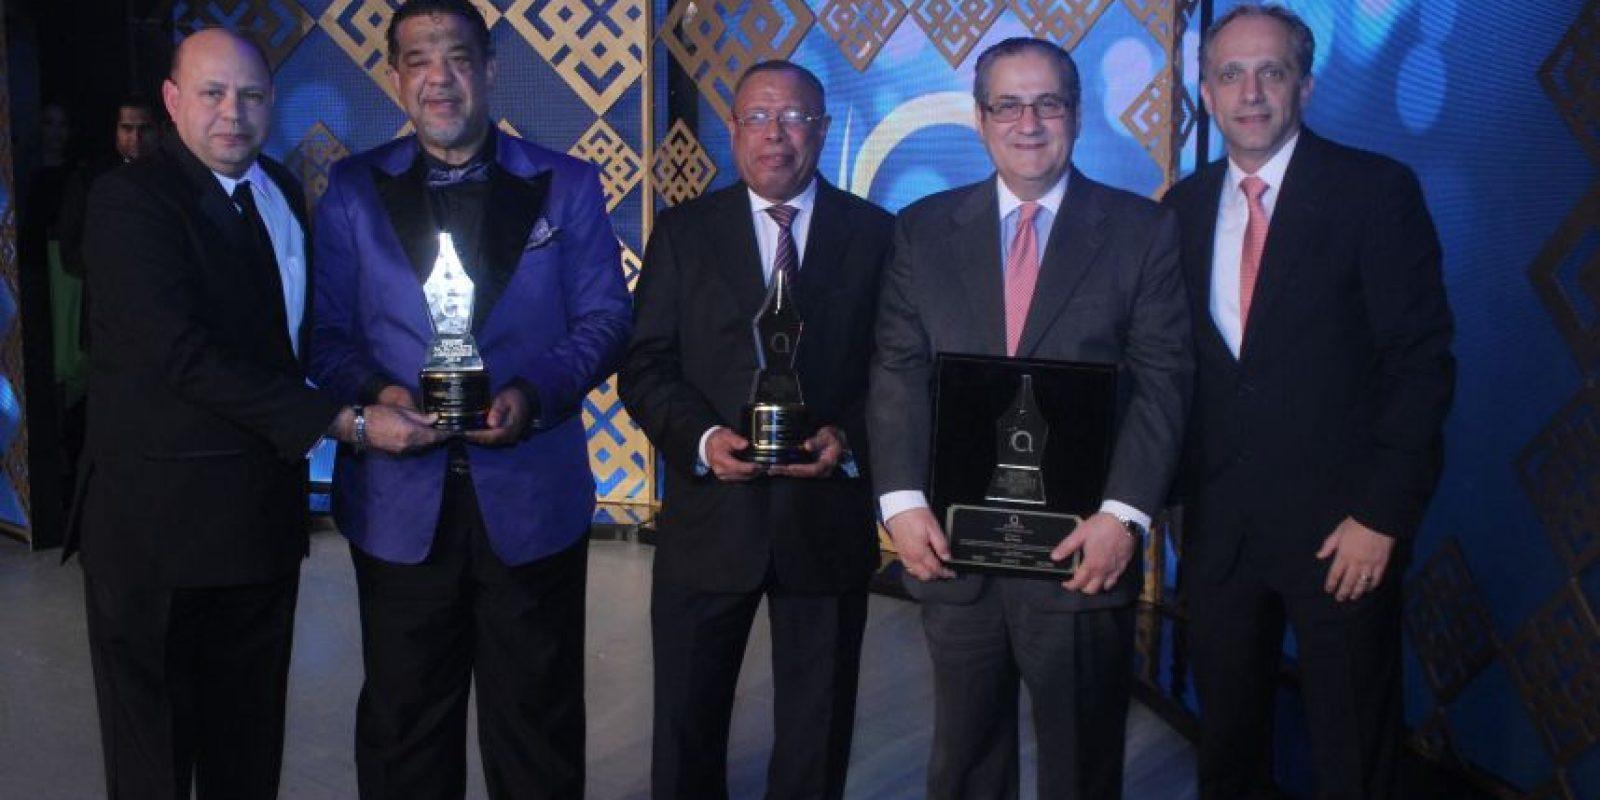 Parte de los reconocidos en esta gala de Acroarte. Foto:Cristian santana